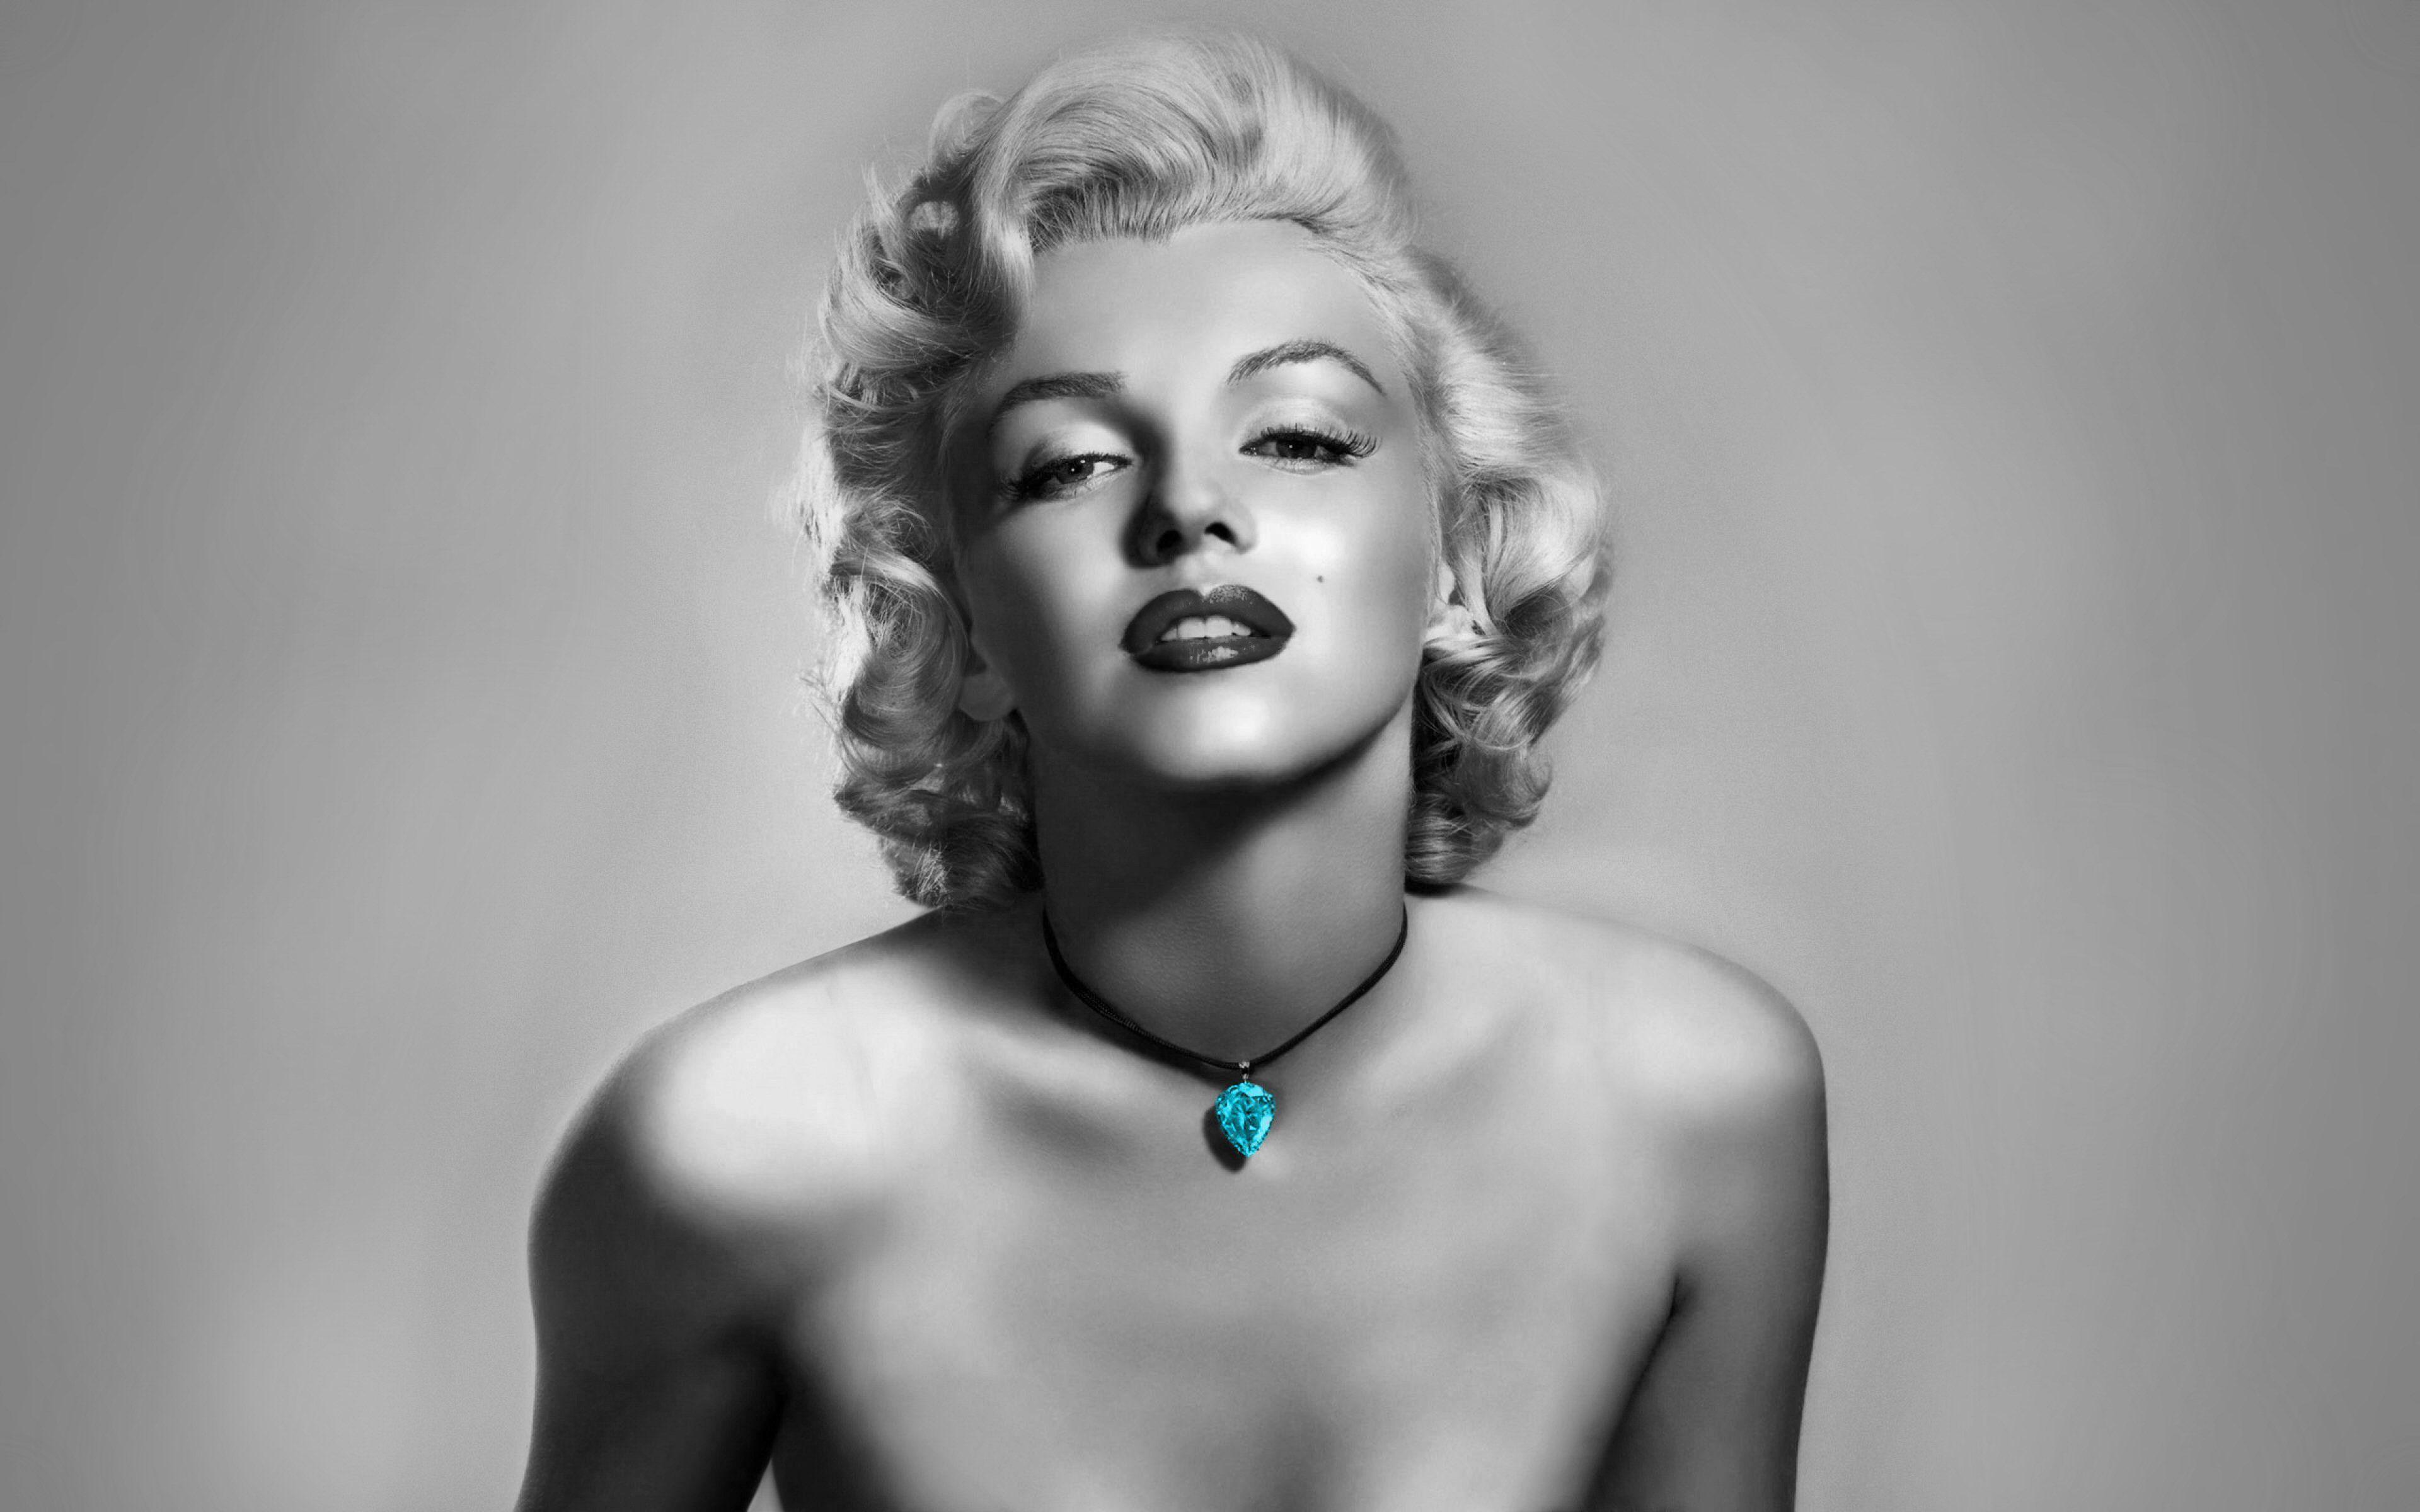 Marilyn Monroe Wallpapers - Top Free